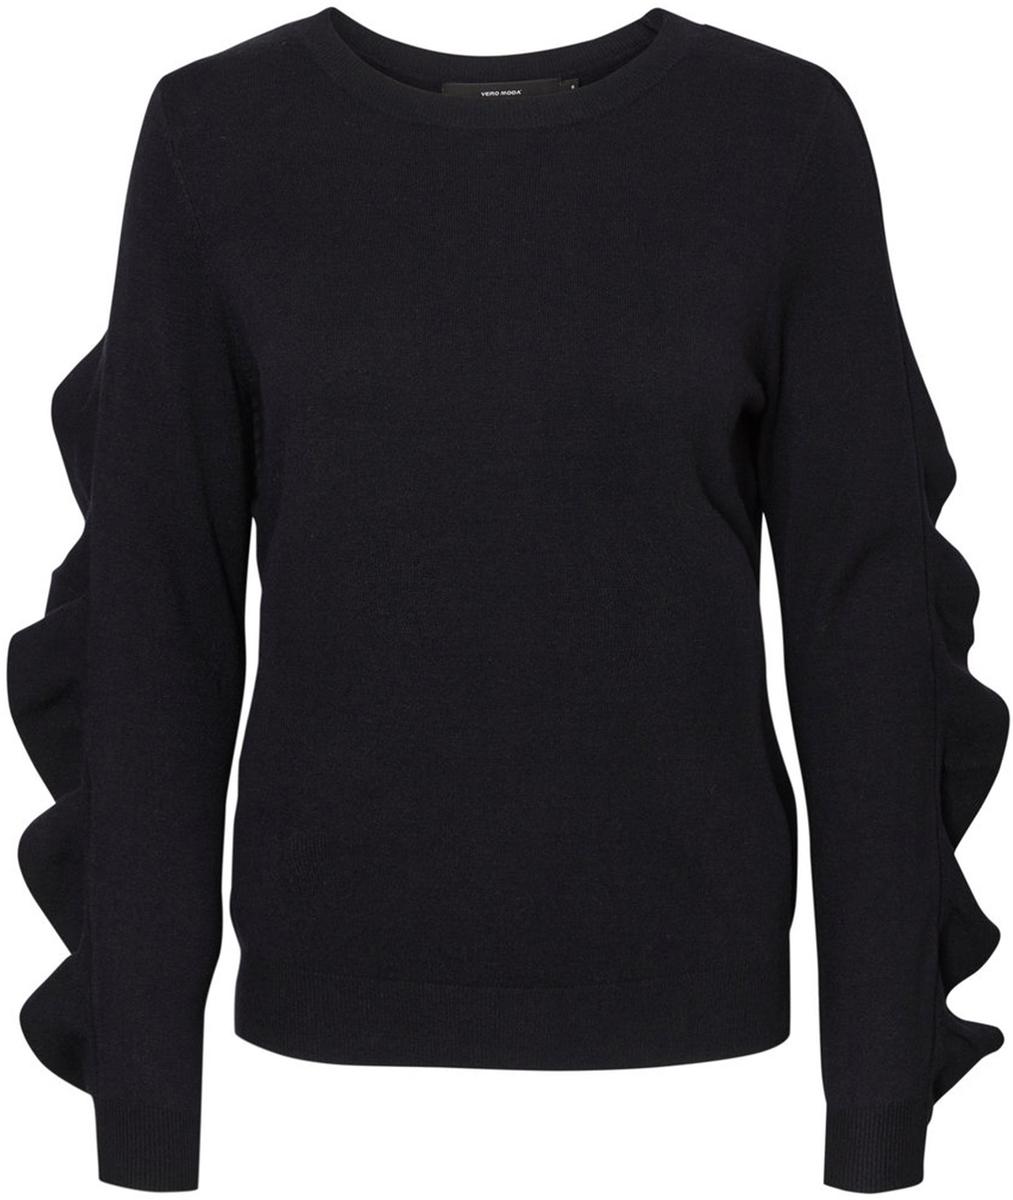 Джемпер женский Vero Moda, цвет: черный. 10185482_Black. Размер M (46)10185482_BlackДжемпер женский Vero Moda выполнен из качественного материала. Модель с круглым вырезом горловины и длинными рукавами.